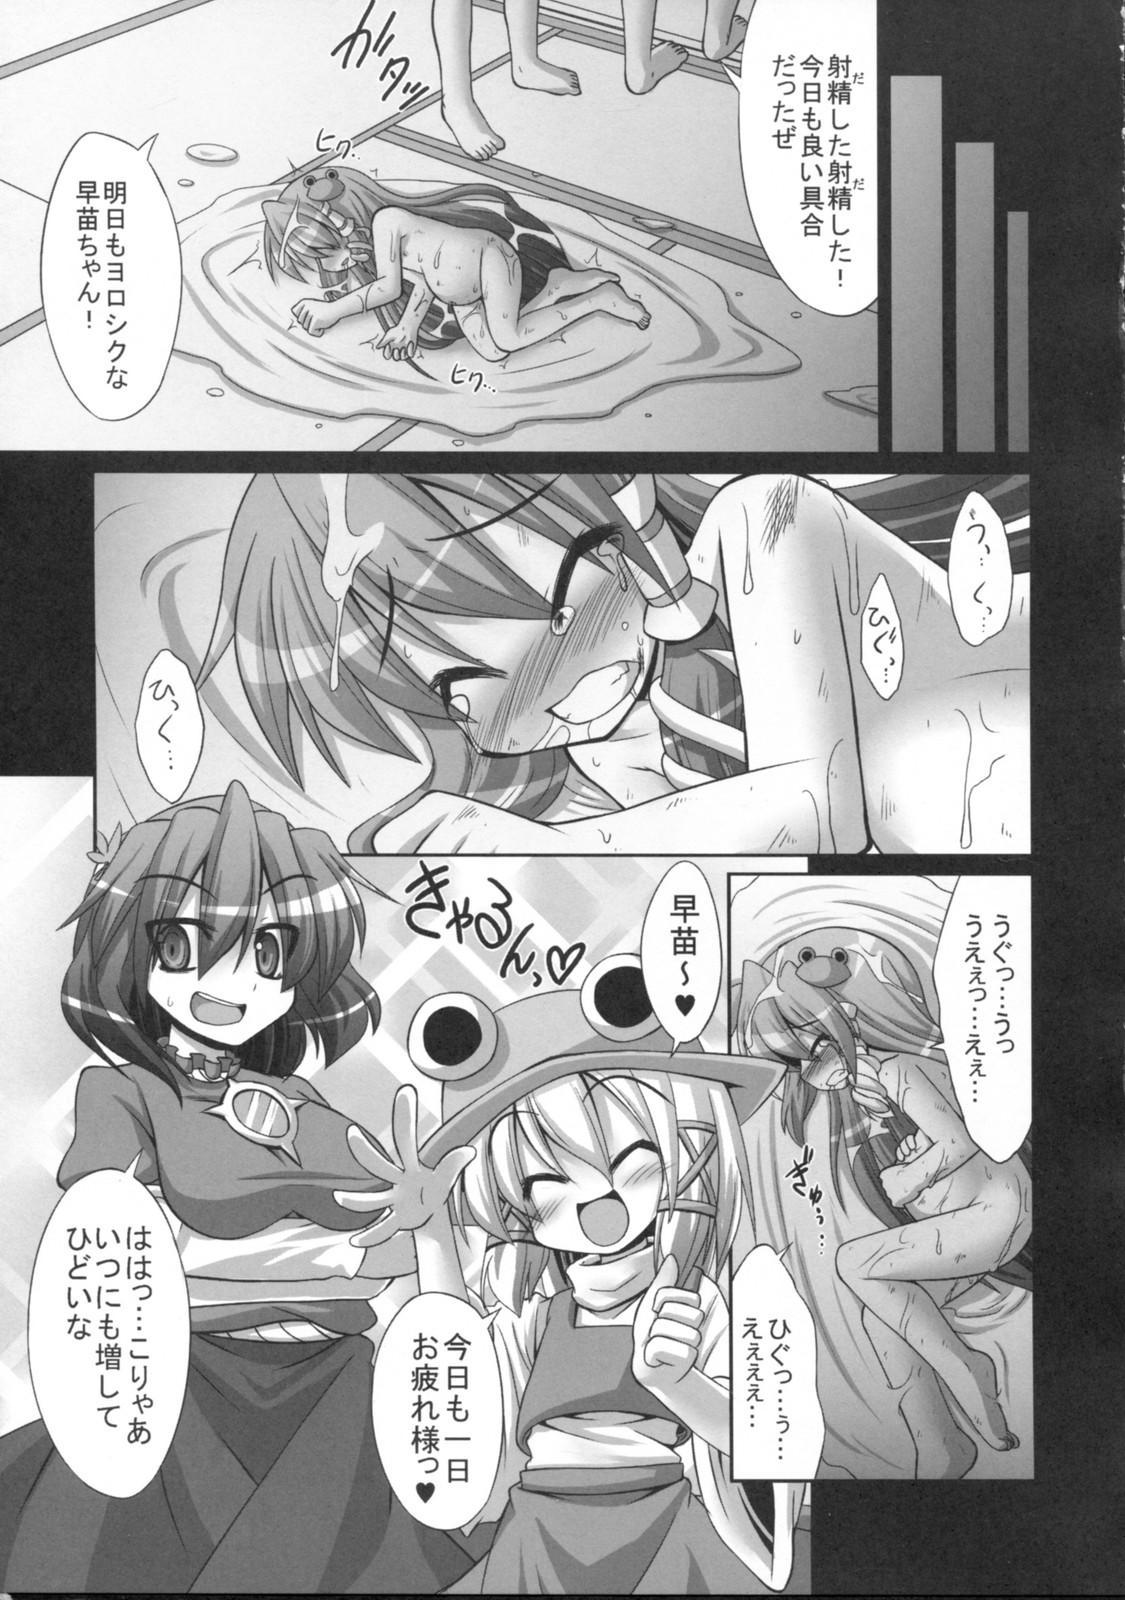 Youkai ni Haramasareta Sanae-san wo Hitasura Shokushu de Naburi Mawasu Moriya Jinja 5